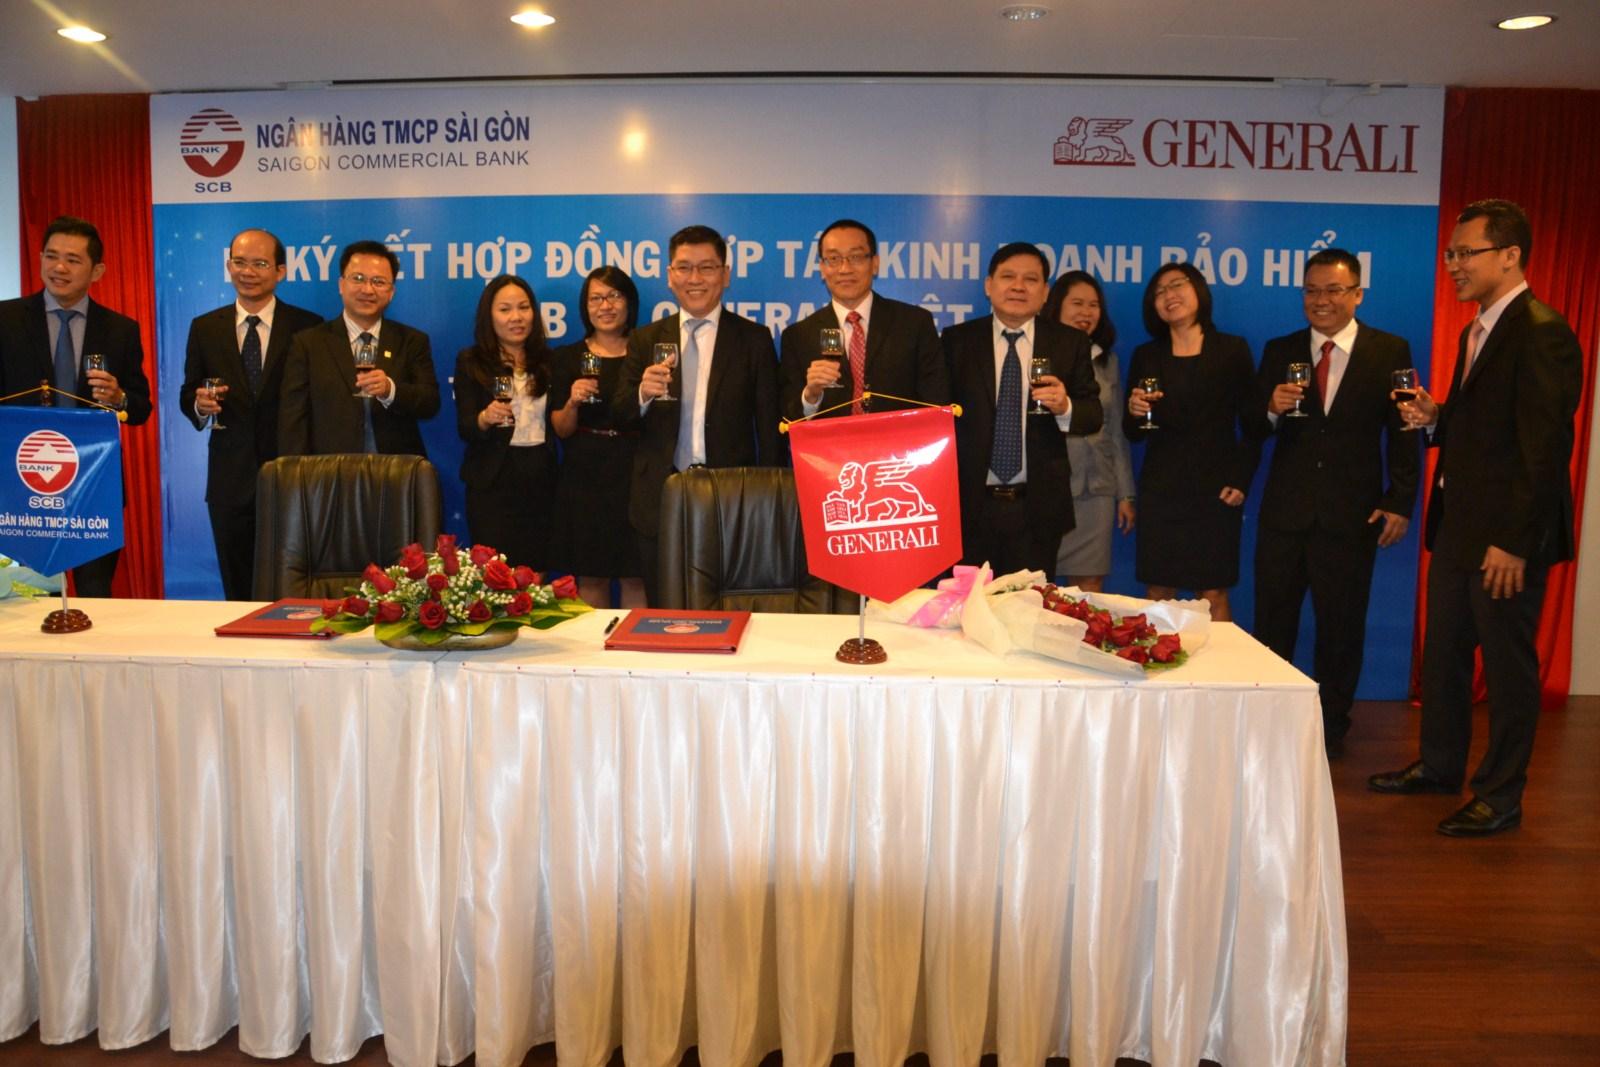 ky ket bao hiem qua ngan hang - SCB và Generali Việt nam triển khai hoạt động kinh doanh bảo hiểm qua ngân hàng